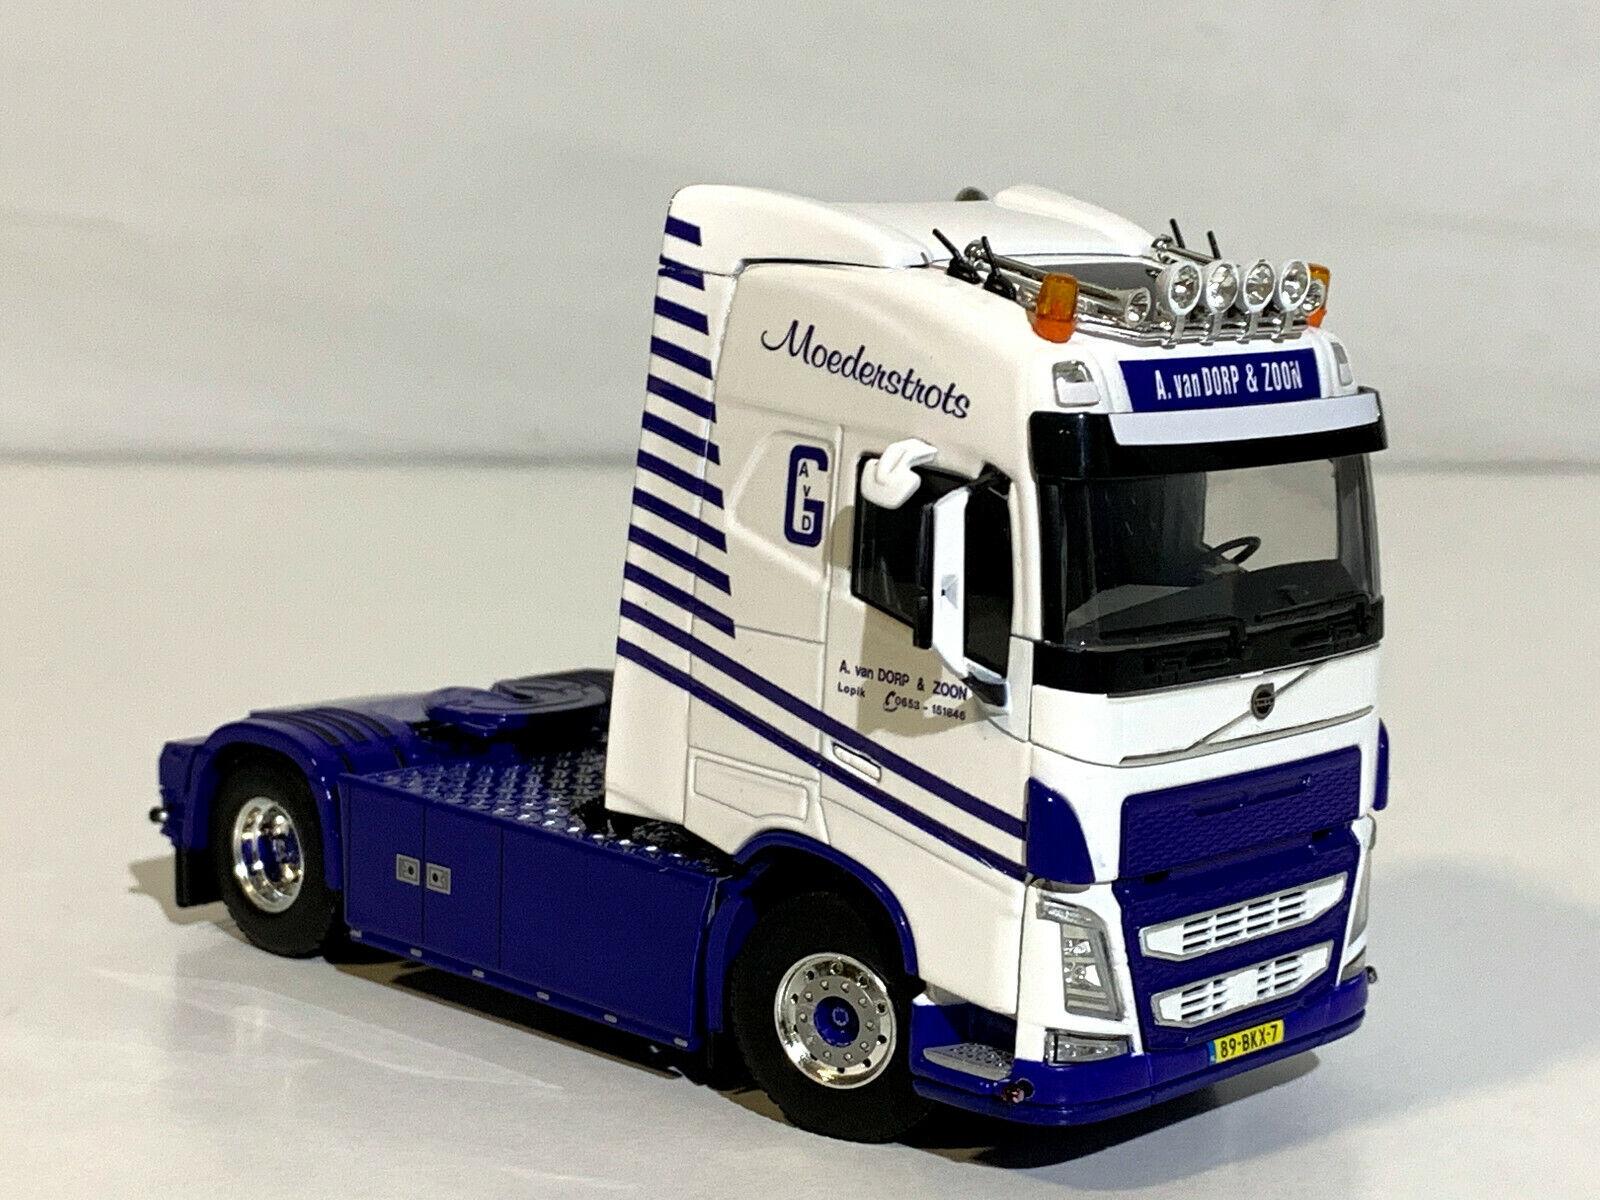 WSI camión Modelos, Volvo FH4 Globetrojoter 4x2 solo camión  A. Van Gota & Zoon